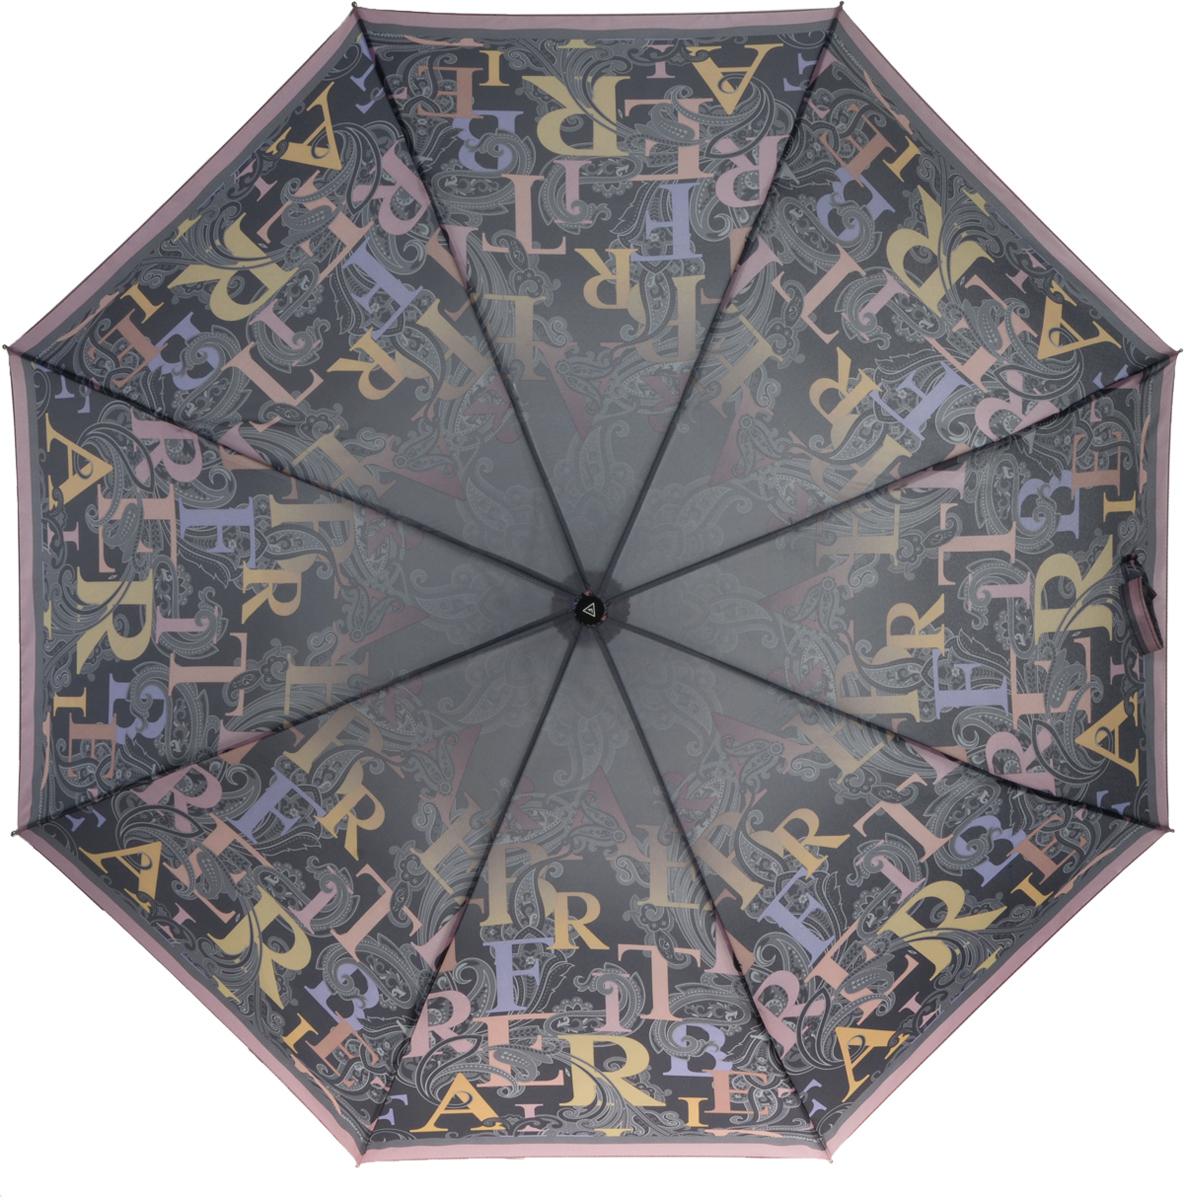 Зонт женский Fabretti, автомат, 3 сложения, цвет: коричневый. L-16100-4L-16100-4Зонт женский Fabretti, облегченный суперавтомат, 3 сложения.Оригинальный, молодежный женский зонт. Зонтик станет незаменимым защитником от дождя.